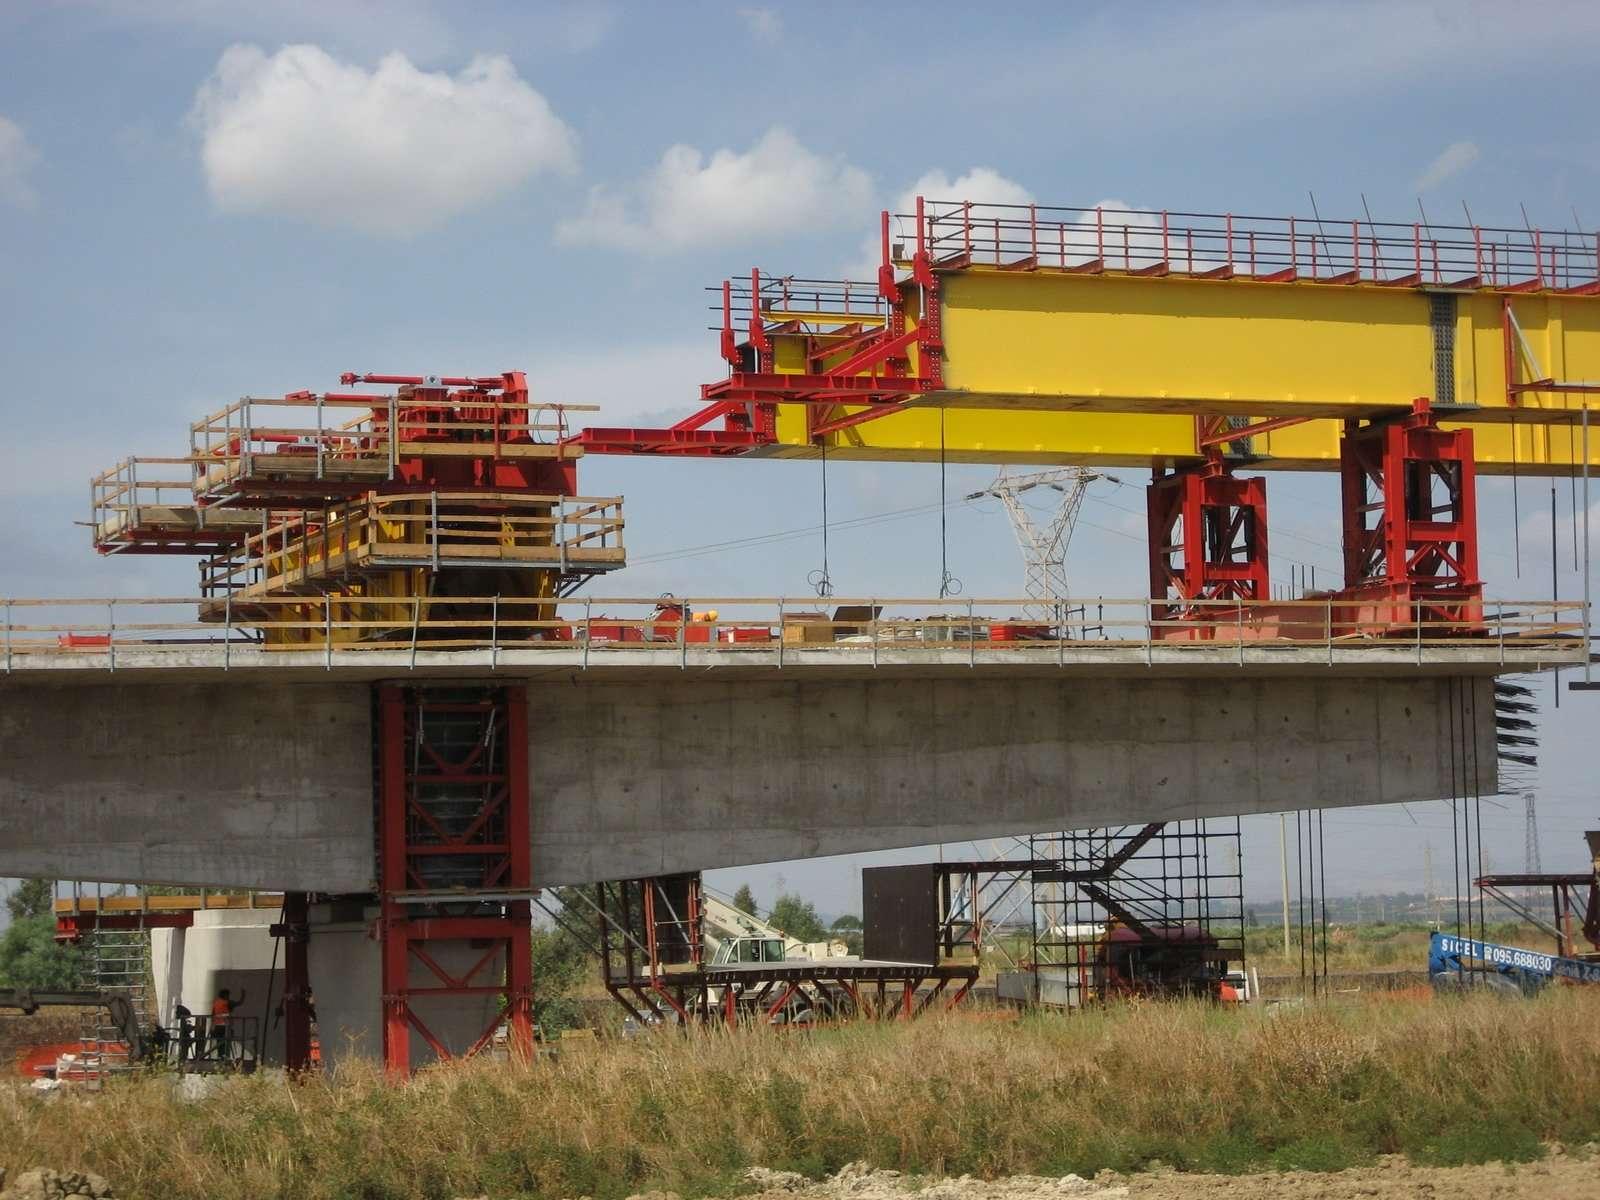 Hydraulic equipment launching gantry